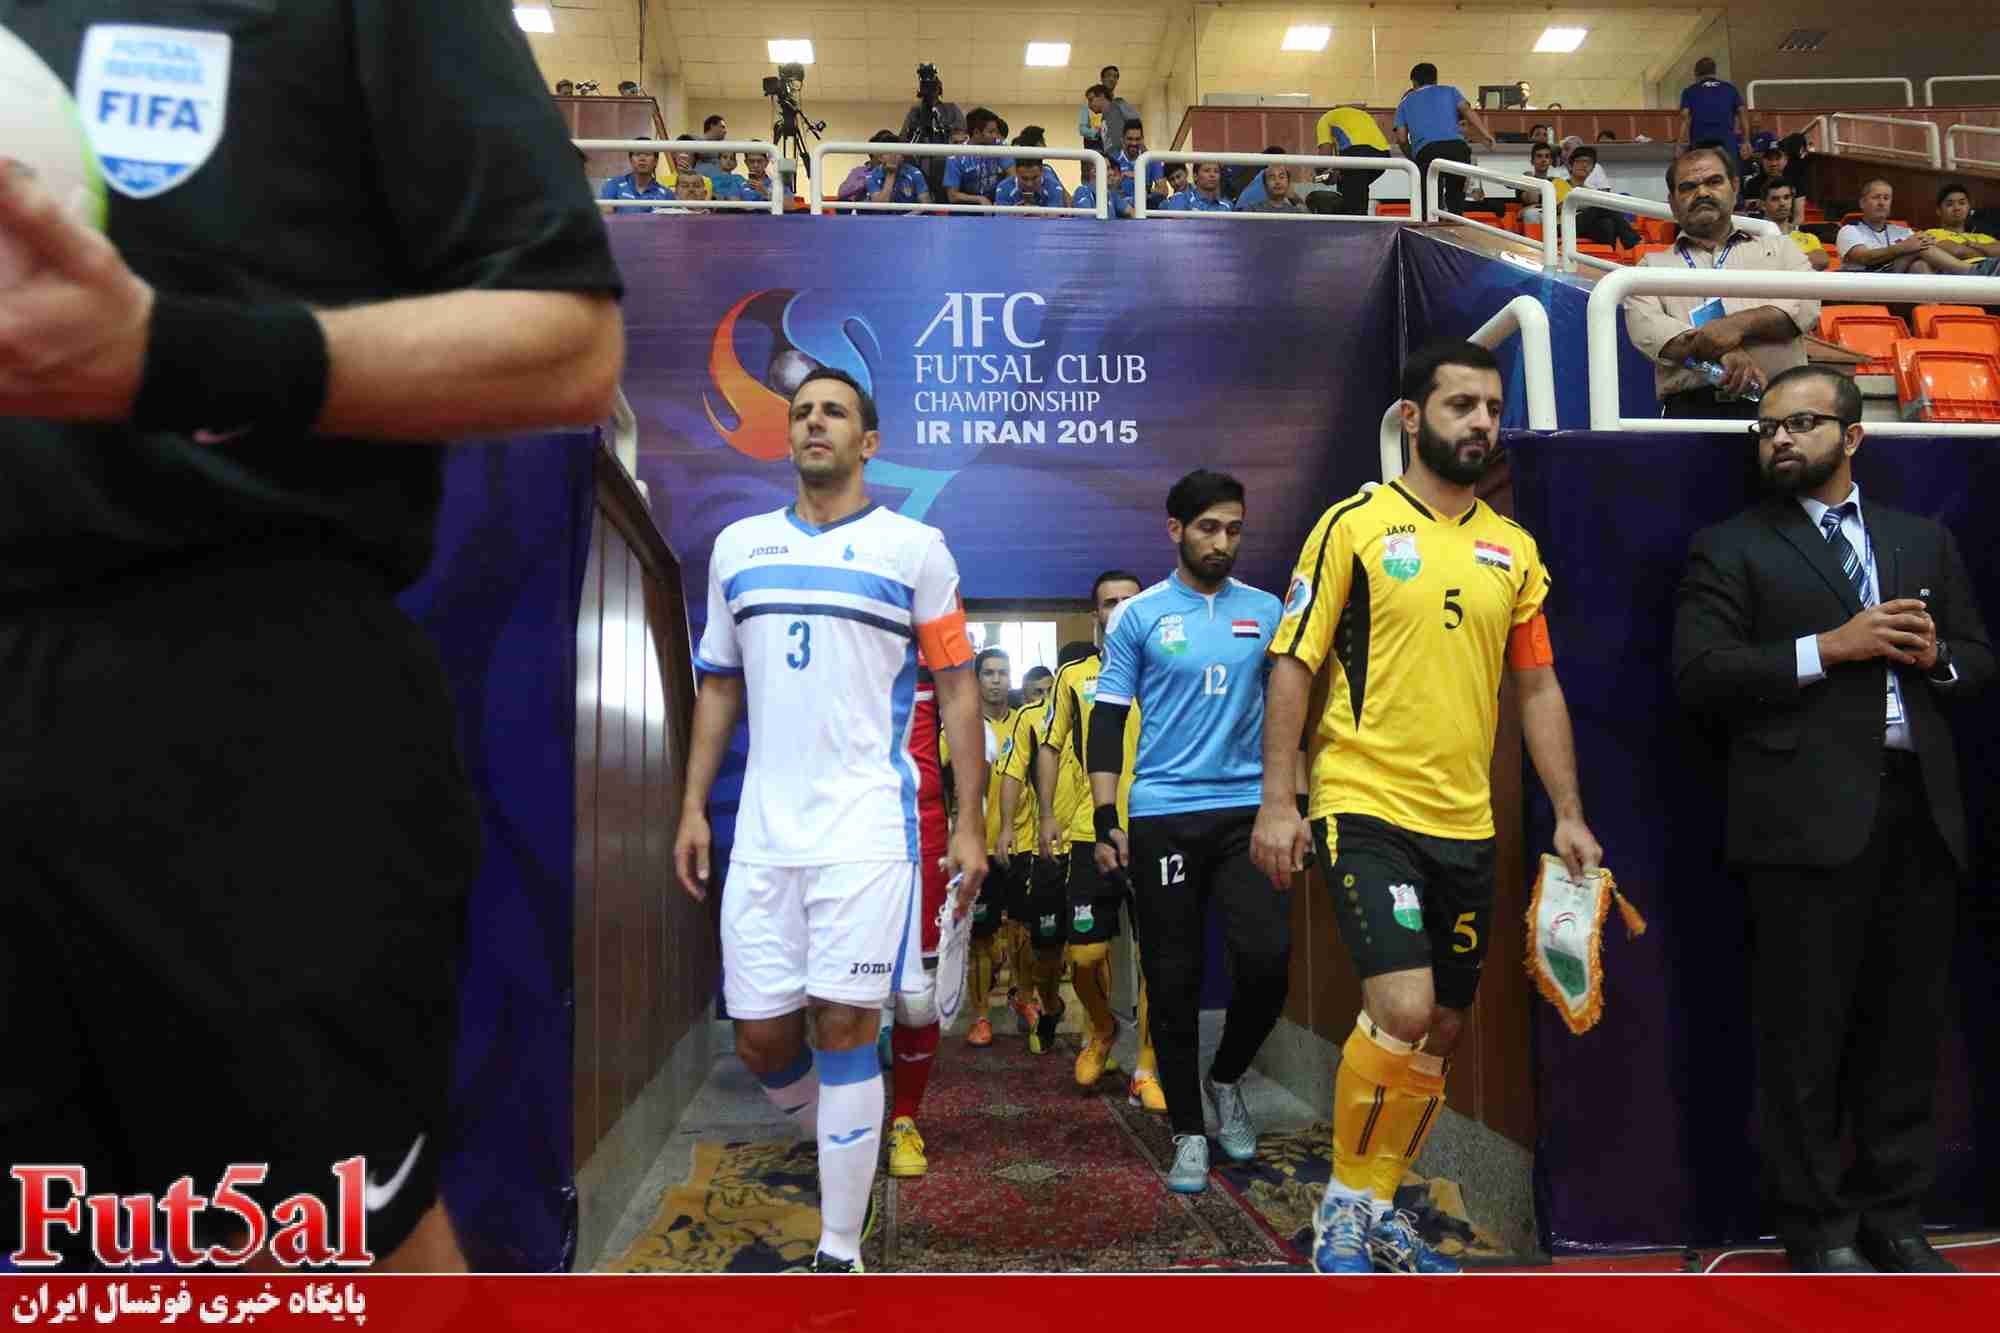 گزارش تصویری اختصاصی/بازی تیم های نفت الوسط عراق با بانک بیروت لبنان